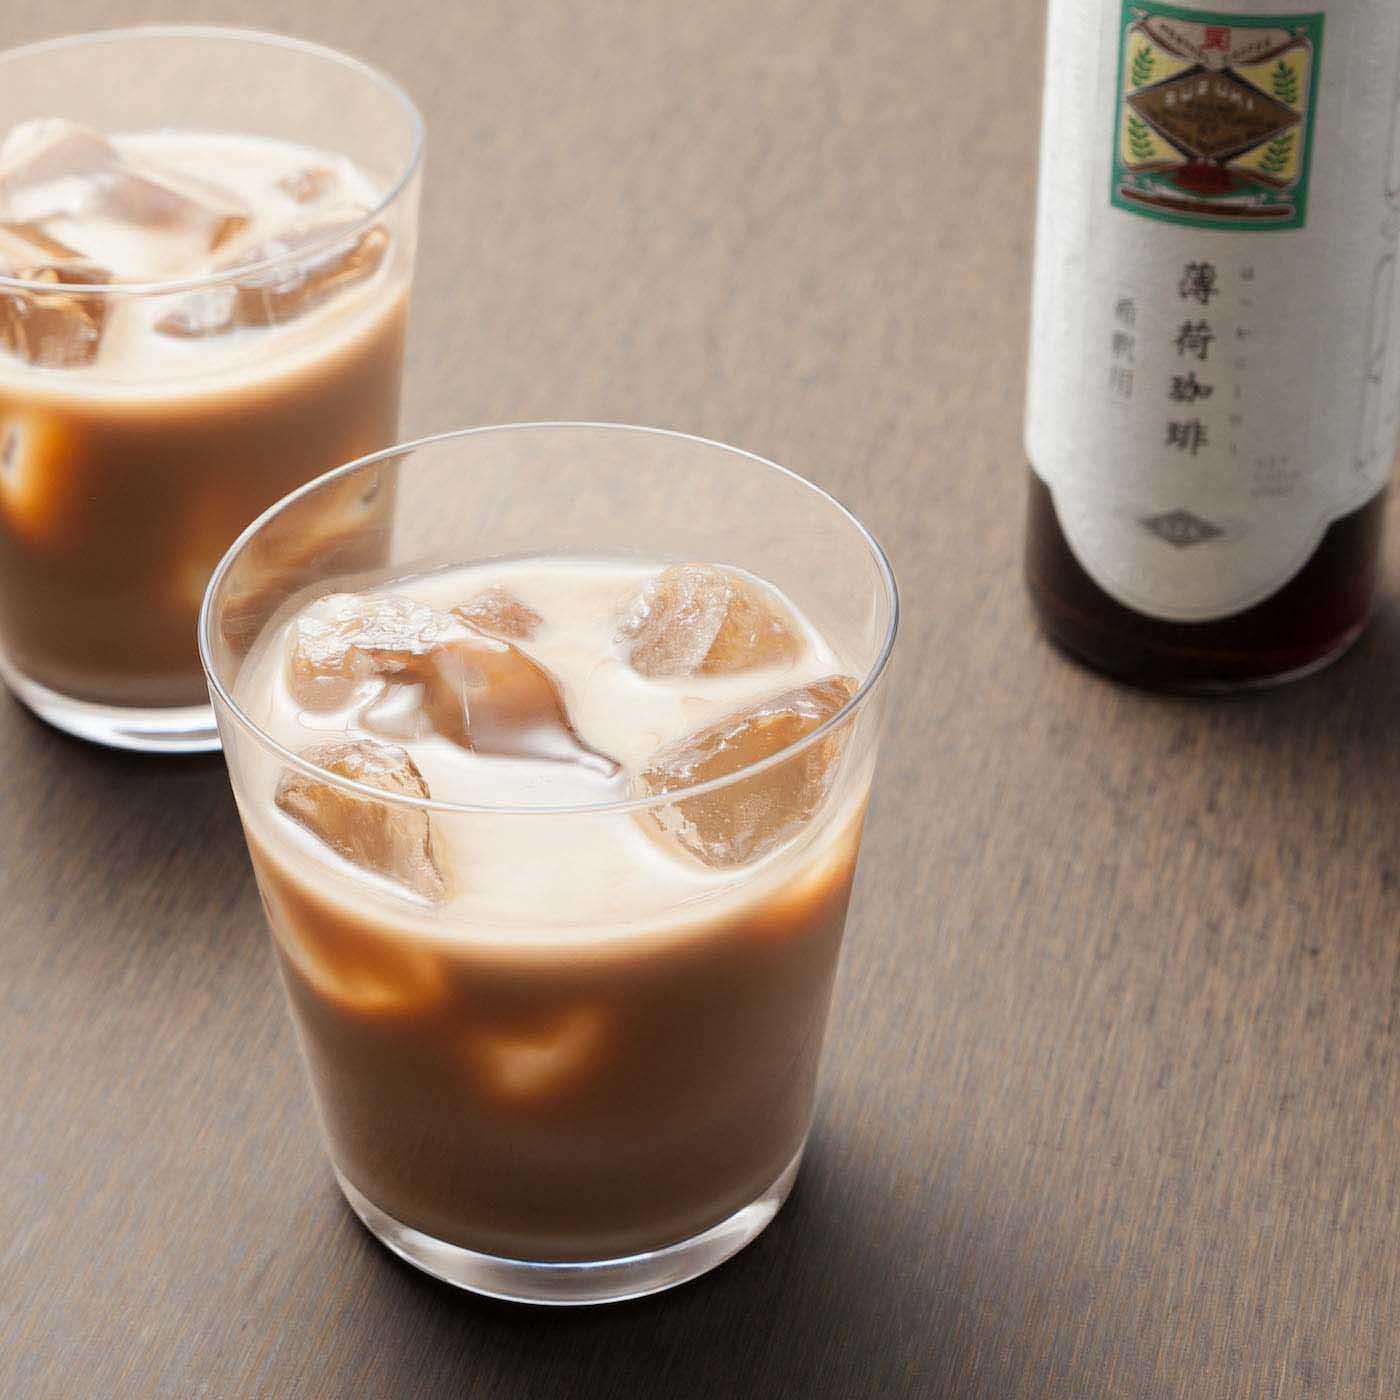 冷たいミルクで割ってアイスカフェオレで。